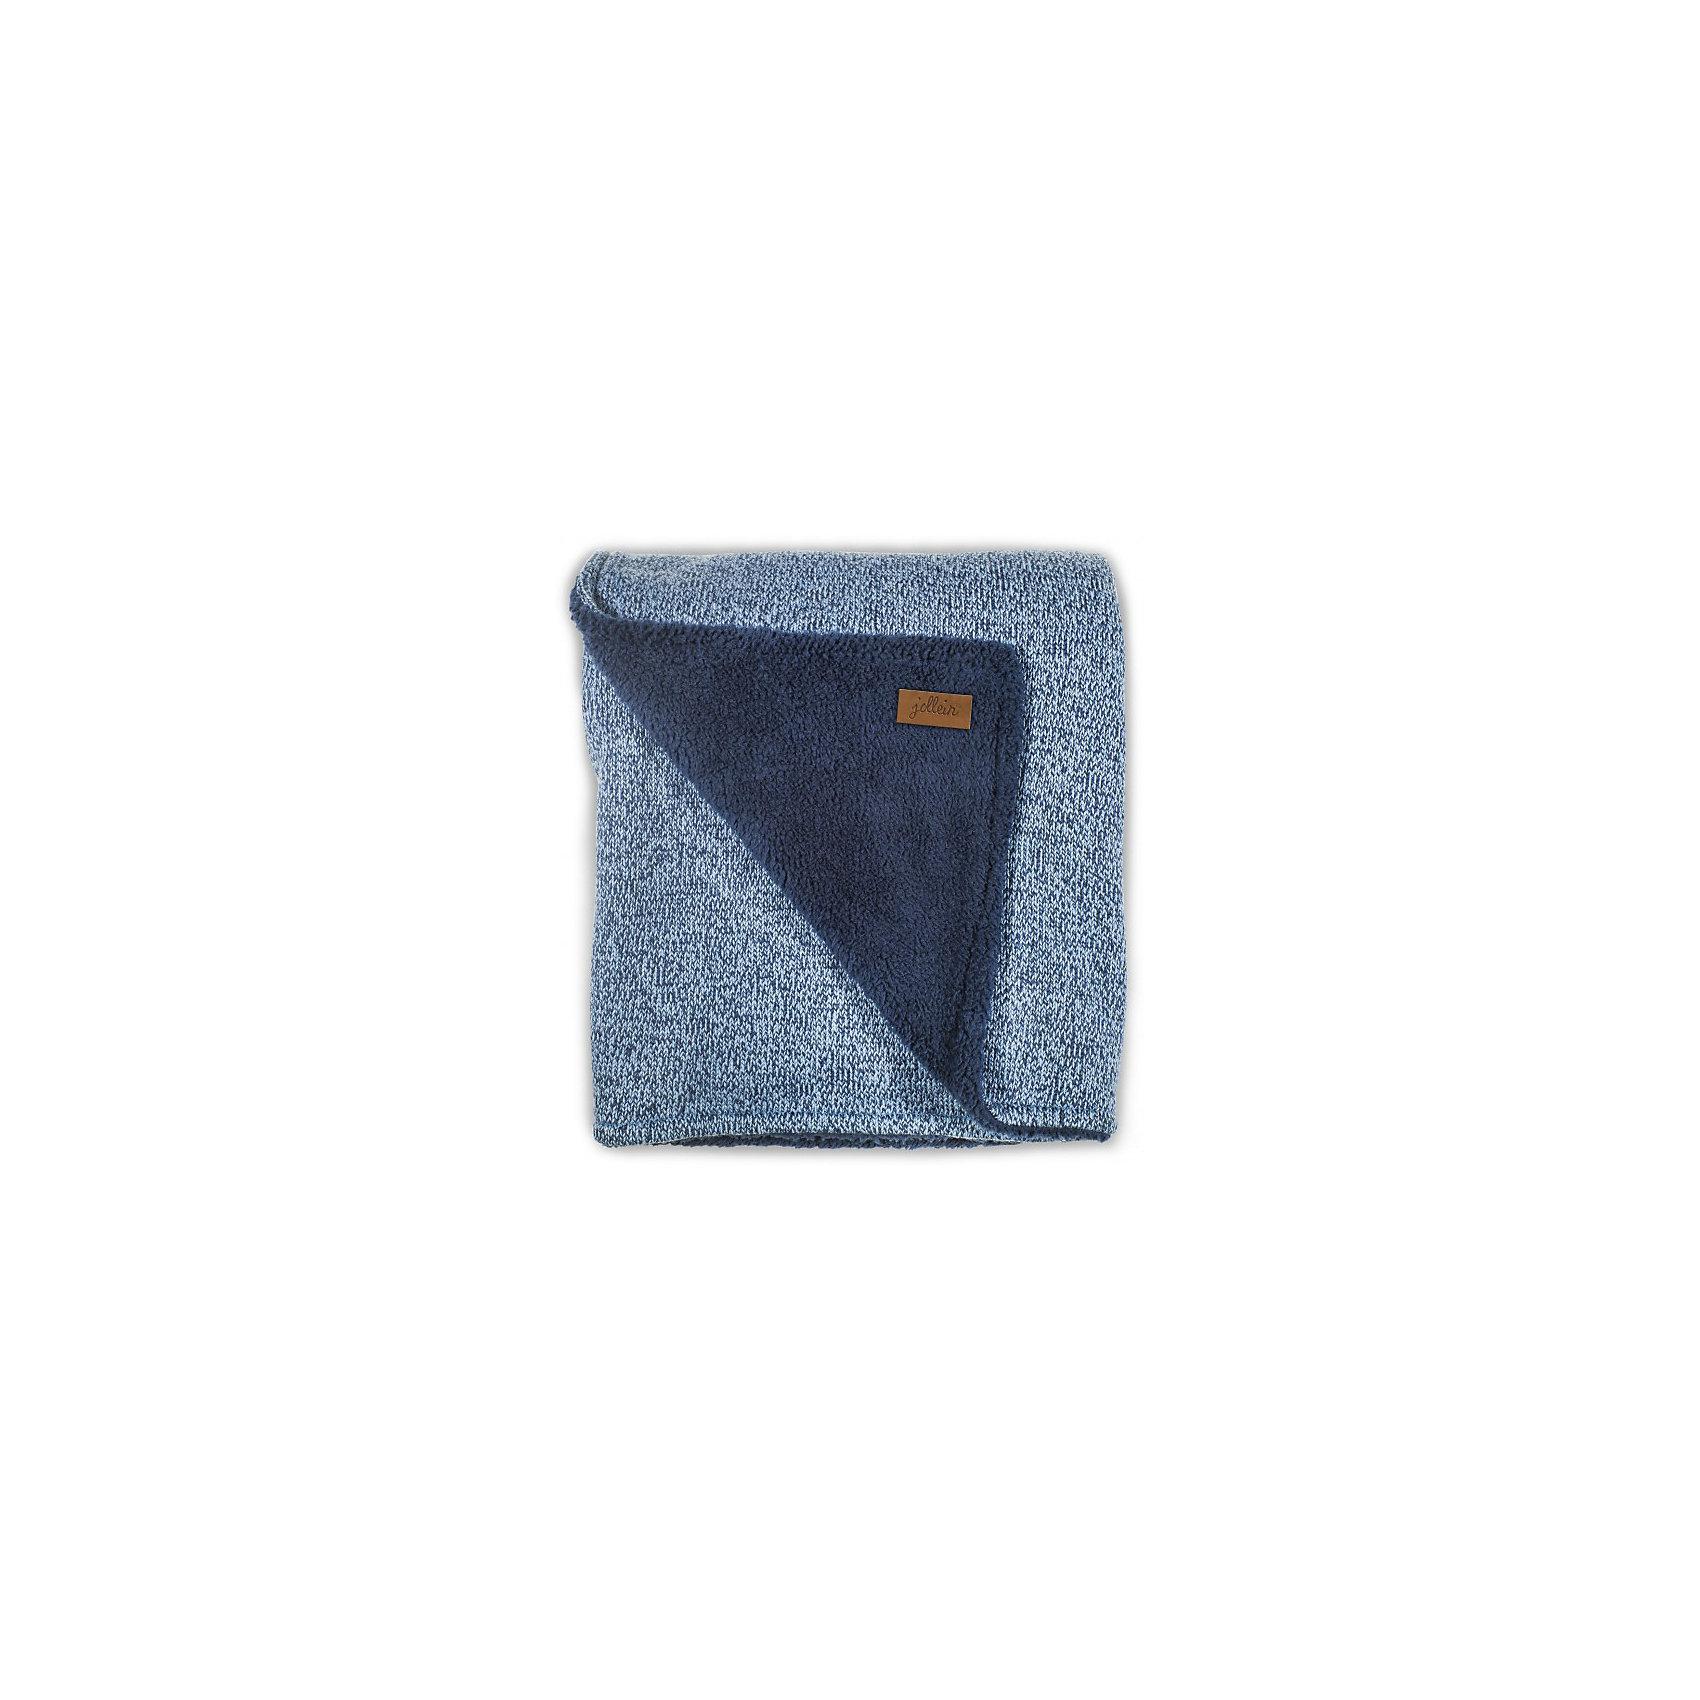 Вязаный плед с мехом 100х150 см, Jollein, Stonewashed knit navyХарактеристики:<br><br>• Предназначение: для сна<br>• Пол: для мальчика<br>• Сезон: круглый год<br>• Степень утепления: средняя<br>• Температурный режим: от +5? С<br>• Цвет: синий меланжевый<br>• Тематика рисунка: без рисунка<br>• Материал: 50% хлопок, 50% акрил; утеплитель – мех шерпы, 100% полиэстер<br>• Размер (Ш*Д): 100*150 см<br>• Вес: 750 г<br>• Особенности ухода: машинная или ручная стирка при температуре не более 60 градусов<br><br>Вязаный плед с мехом 100х150 см, Jollein, Stonewashed knit navy от торговой марки Жолляйн, которая является признанным лидером среди аналогичных брендов, выпускающих детское постельное белье и текстиль для новорожденных и детей. Продукция этого торгового бренда отличается высоким качеством и дизайнерским стилем. <br><br>Плед выполнен из вязаного полотна, выполненного из сочетания хлопка и акрила, что обеспечивает изделию высокие гигиенические, гигроскопические и гипоаллергенные качества. Благодаря акрилу плед хорошо сохраняет цвет и форму. Повышенные тепловые качества изделию обеспечивает мех шерпы, который отличается мягкостью, гипоаллергенностью и в процессе эксплуатации не электризуется. <br><br>Плед выполнен в брендовом дизайне: вязаное полотно стильного синего цвета. Вязаный плед с мехом 100х150 см, Jollein, Stonewashed knit navy – это плед, который подарит тепло, уют и роскошь классического стиля!<br><br>Вязаный плед с мехом 100х150 см, Jollein, Stonewashed knit navy можно купить в нашем интернет-магазине.<br><br>Ширина мм: 250<br>Глубина мм: 300<br>Высота мм: 100<br>Вес г: 1010<br>Возраст от месяцев: 0<br>Возраст до месяцев: 36<br>Пол: Мужской<br>Возраст: Детский<br>SKU: 5367188